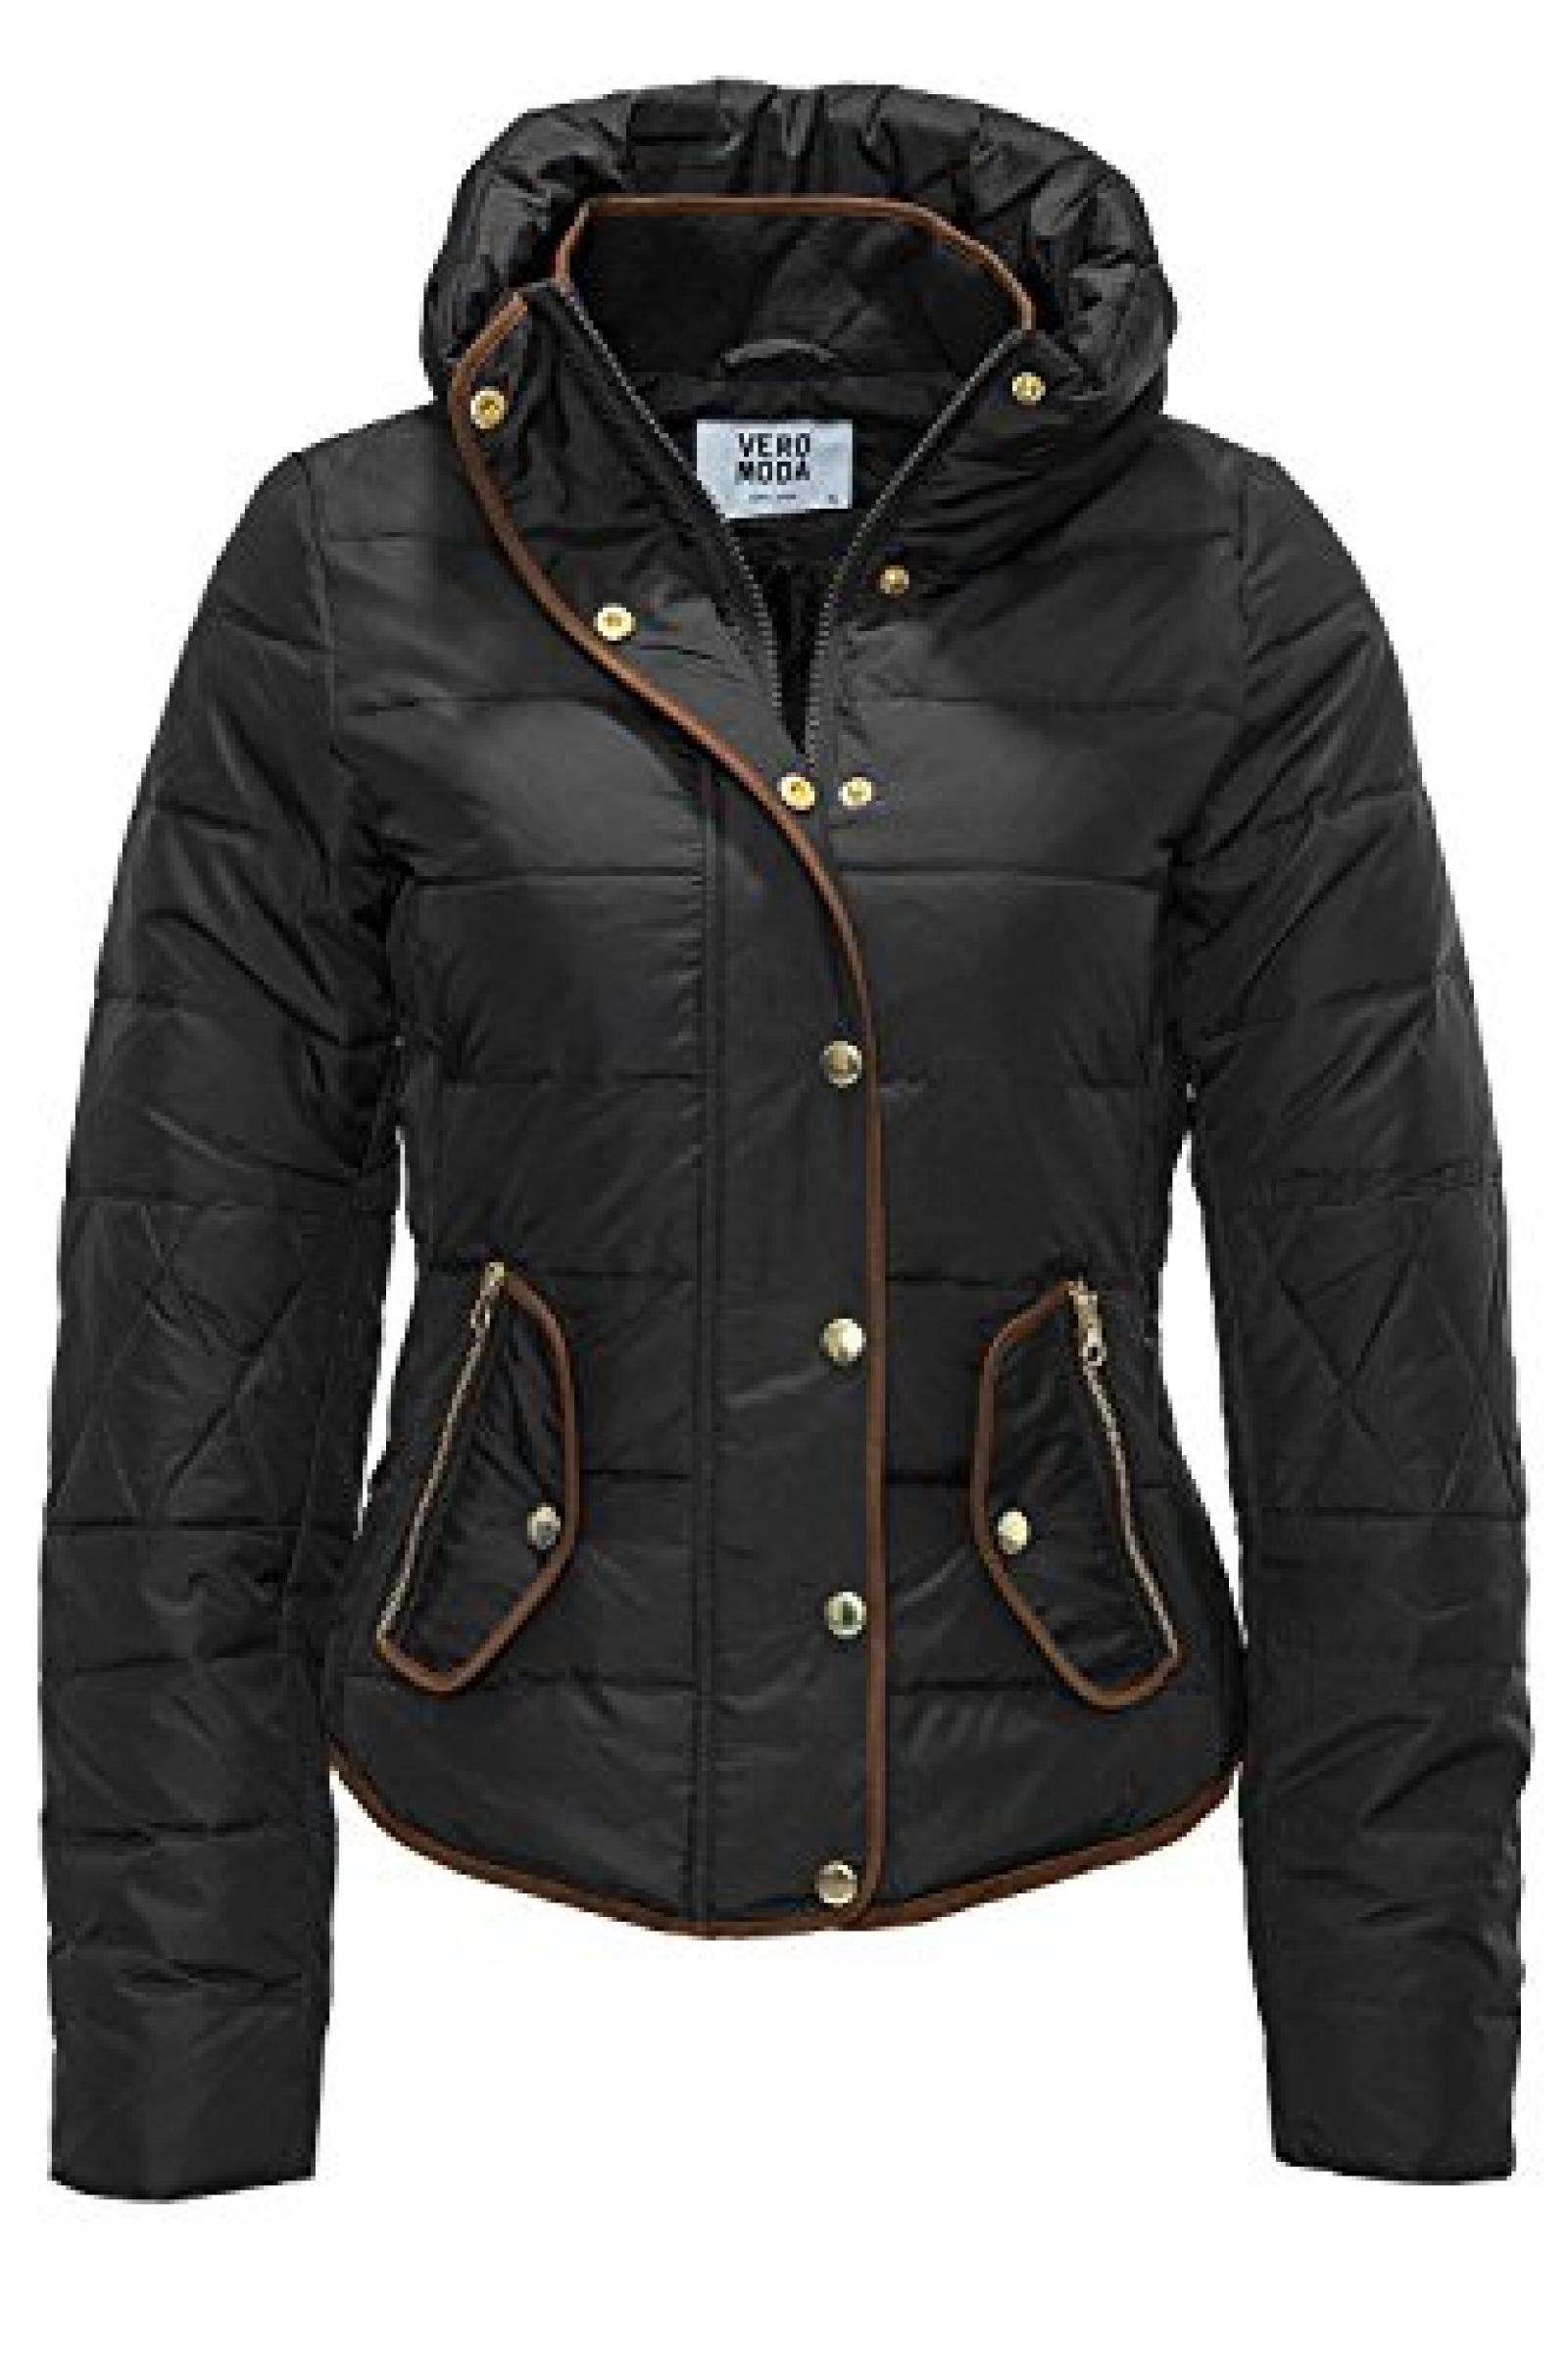 Vero Moda Damen Daunenjacke Jacket in 4 Farben